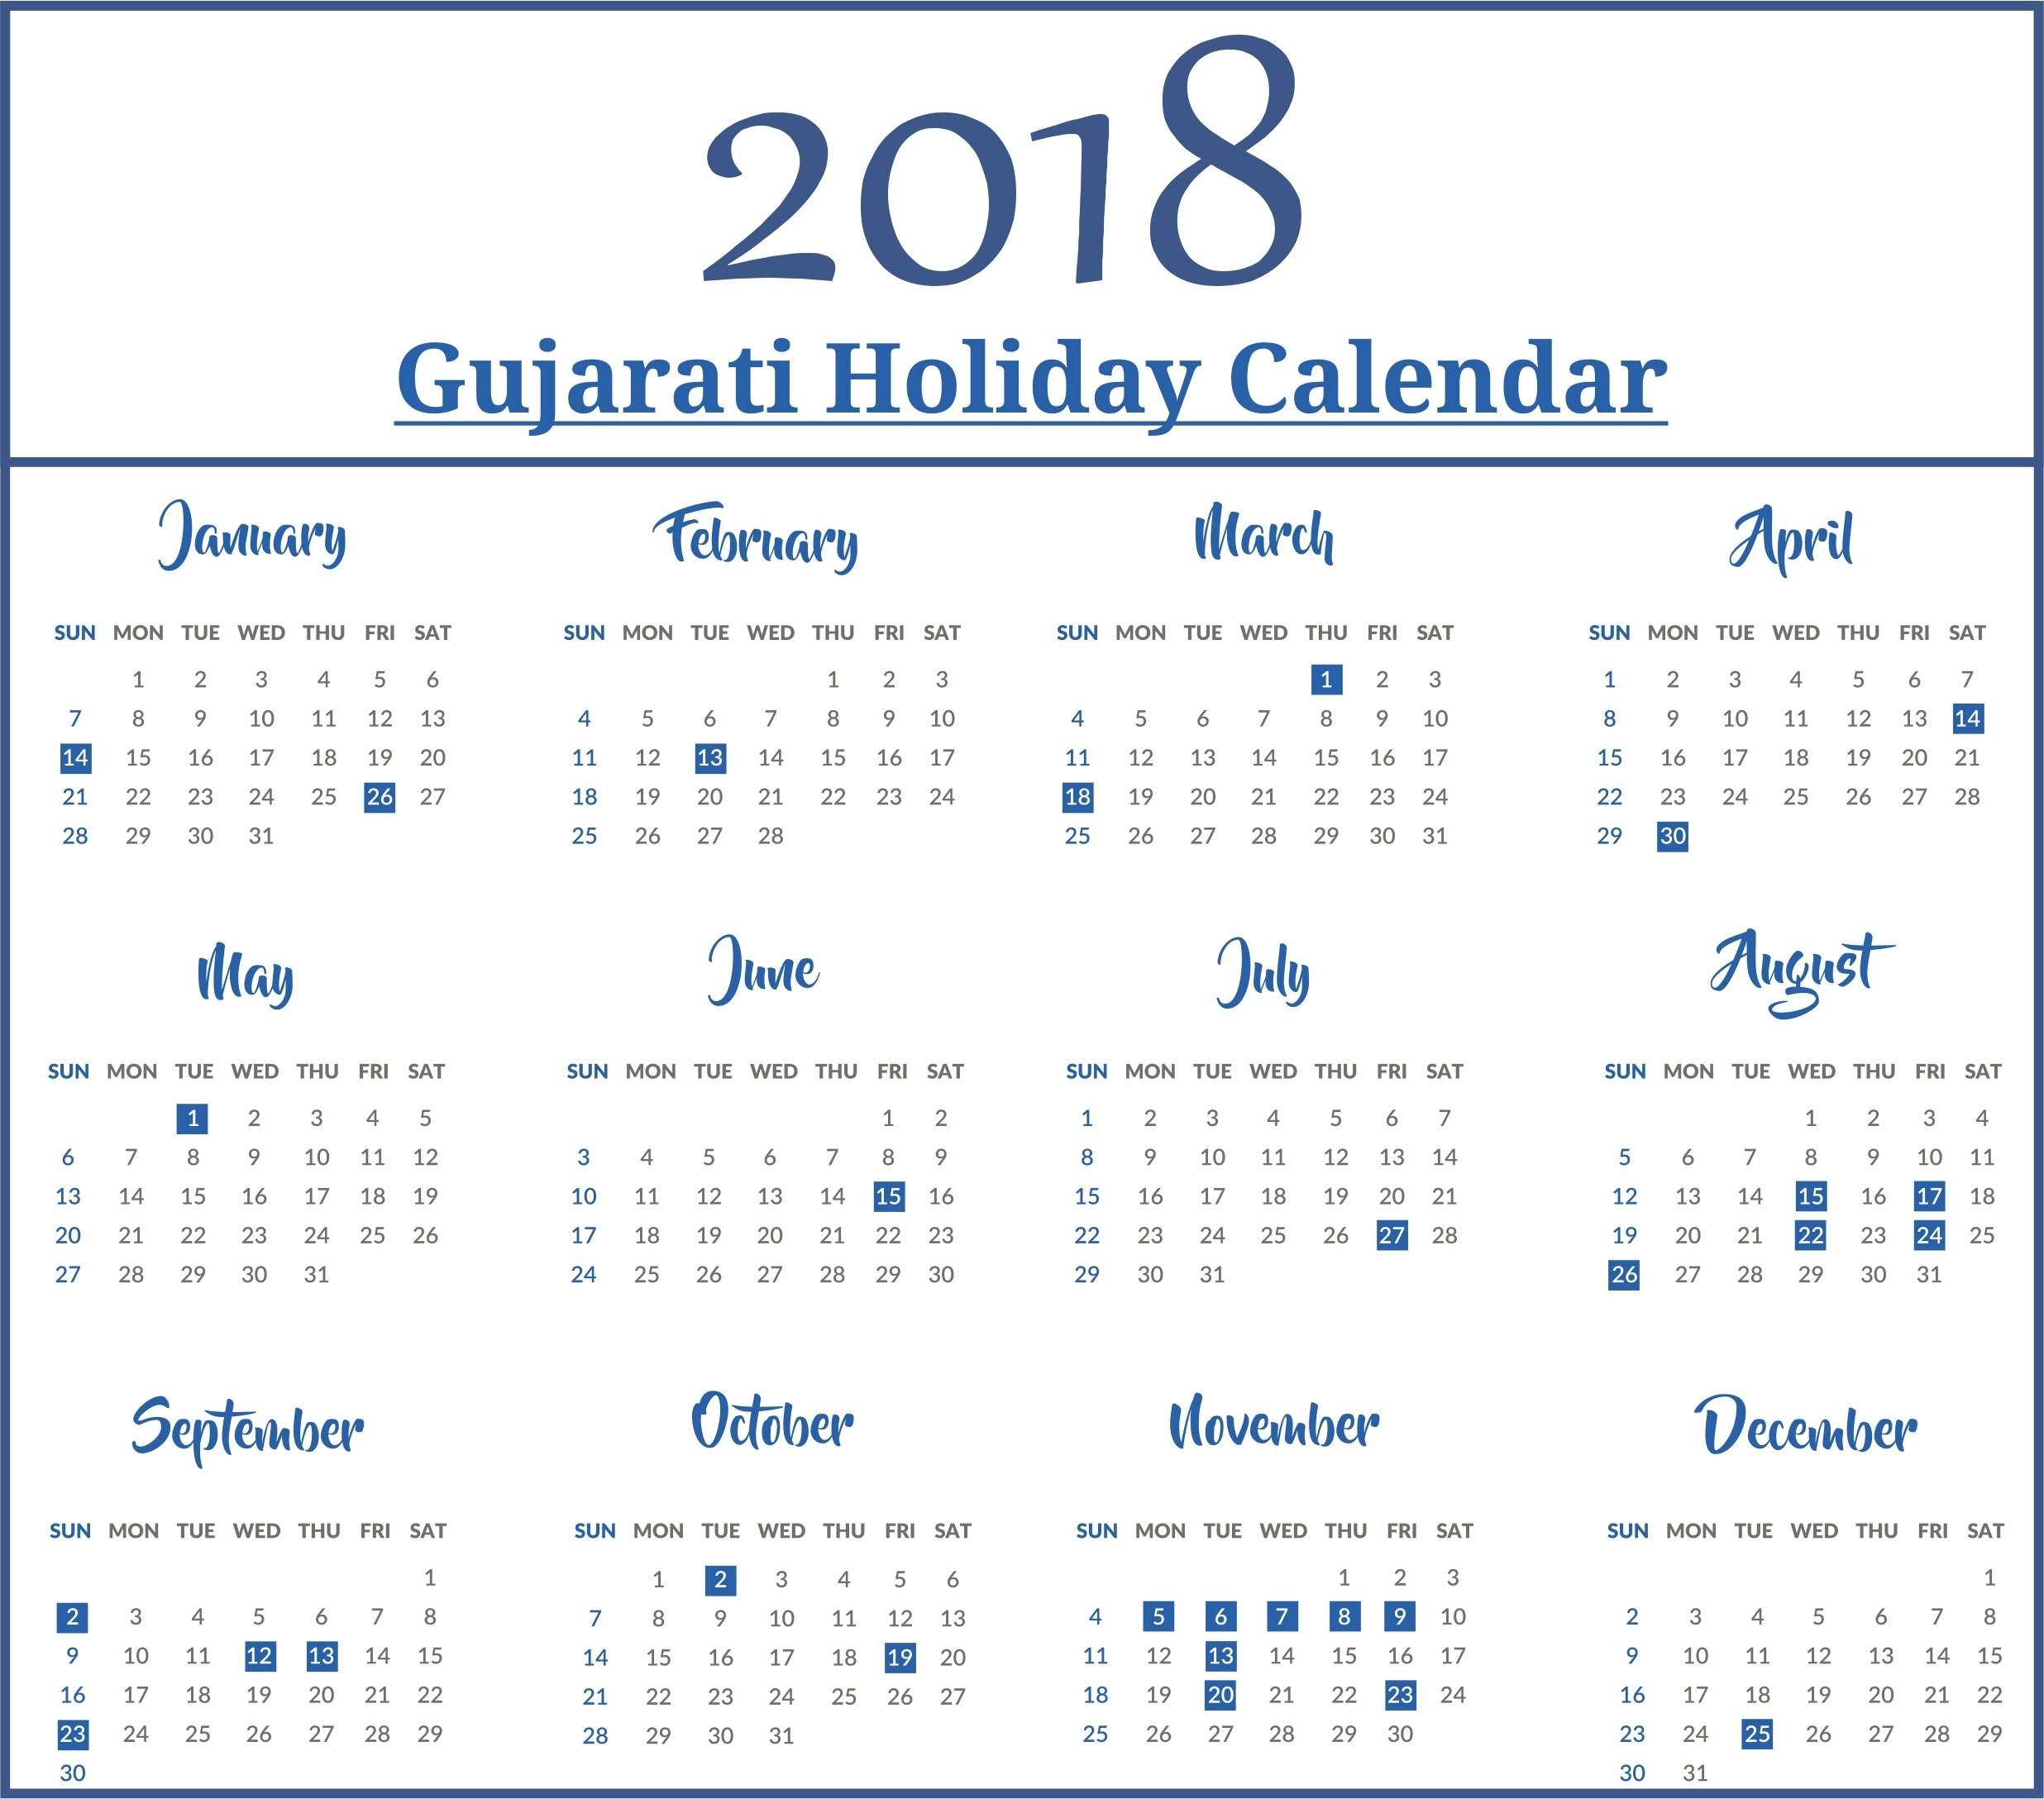 March 2019 Calendar Lala Ramswaroop Más Recientes 8 July 2018 Hindu Calendar Of March 2019 Calendar Lala Ramswaroop Más Recientemente Liberado Media to Get Lala Ramswaroop Calendar 2019 Pdf Download Calendar